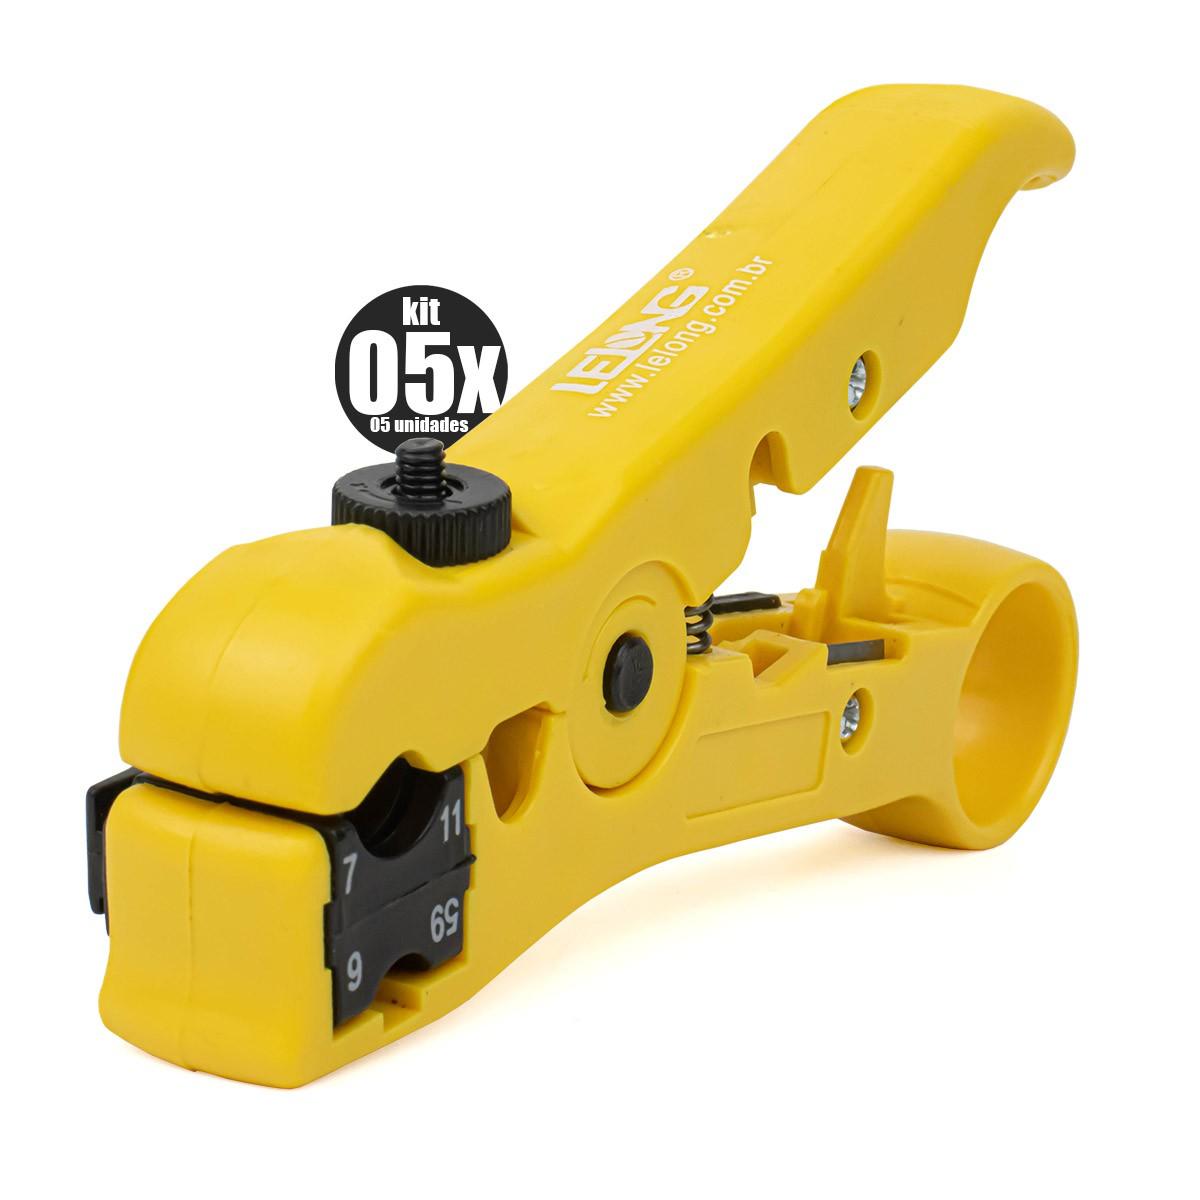 KIT 5x Alicate Desencapador Universal de Fios e Cabos UTP/STP-RG59/6/7/11 Lelong LE-949